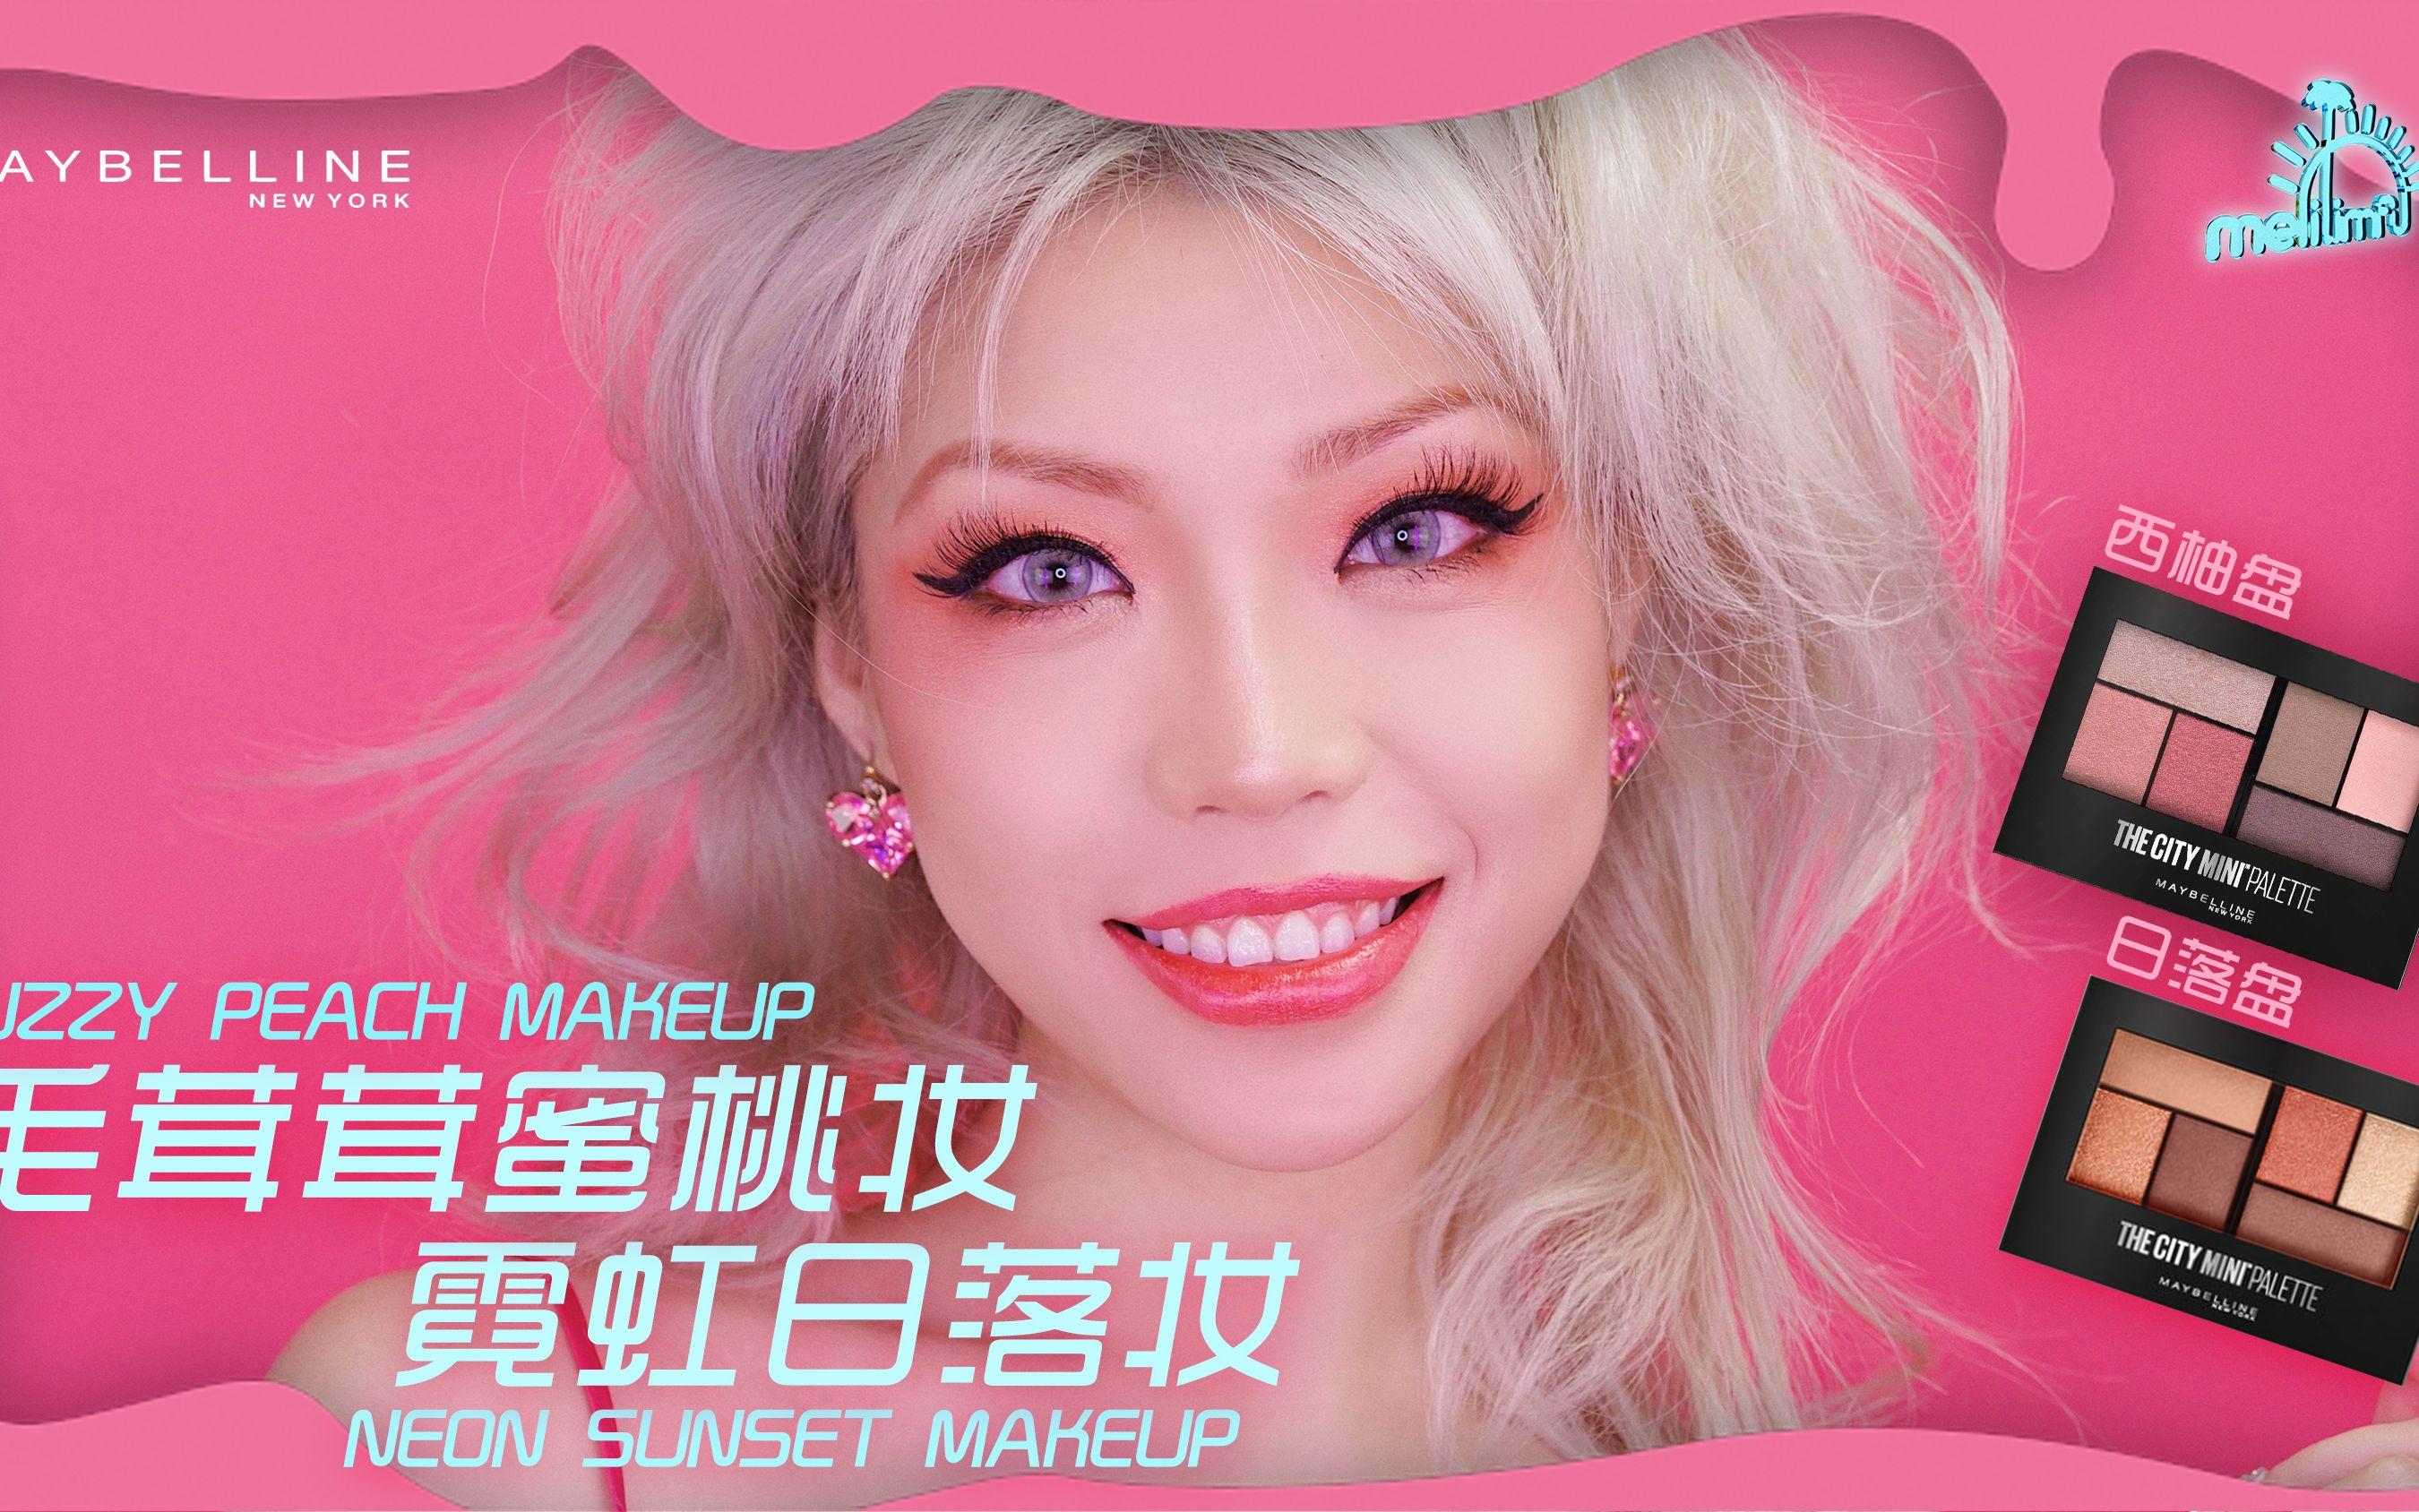 傅沛MelilimFU|桃花少女系列|超温柔系妆容:毛茸茸蜜桃妆&霓虹日落妆